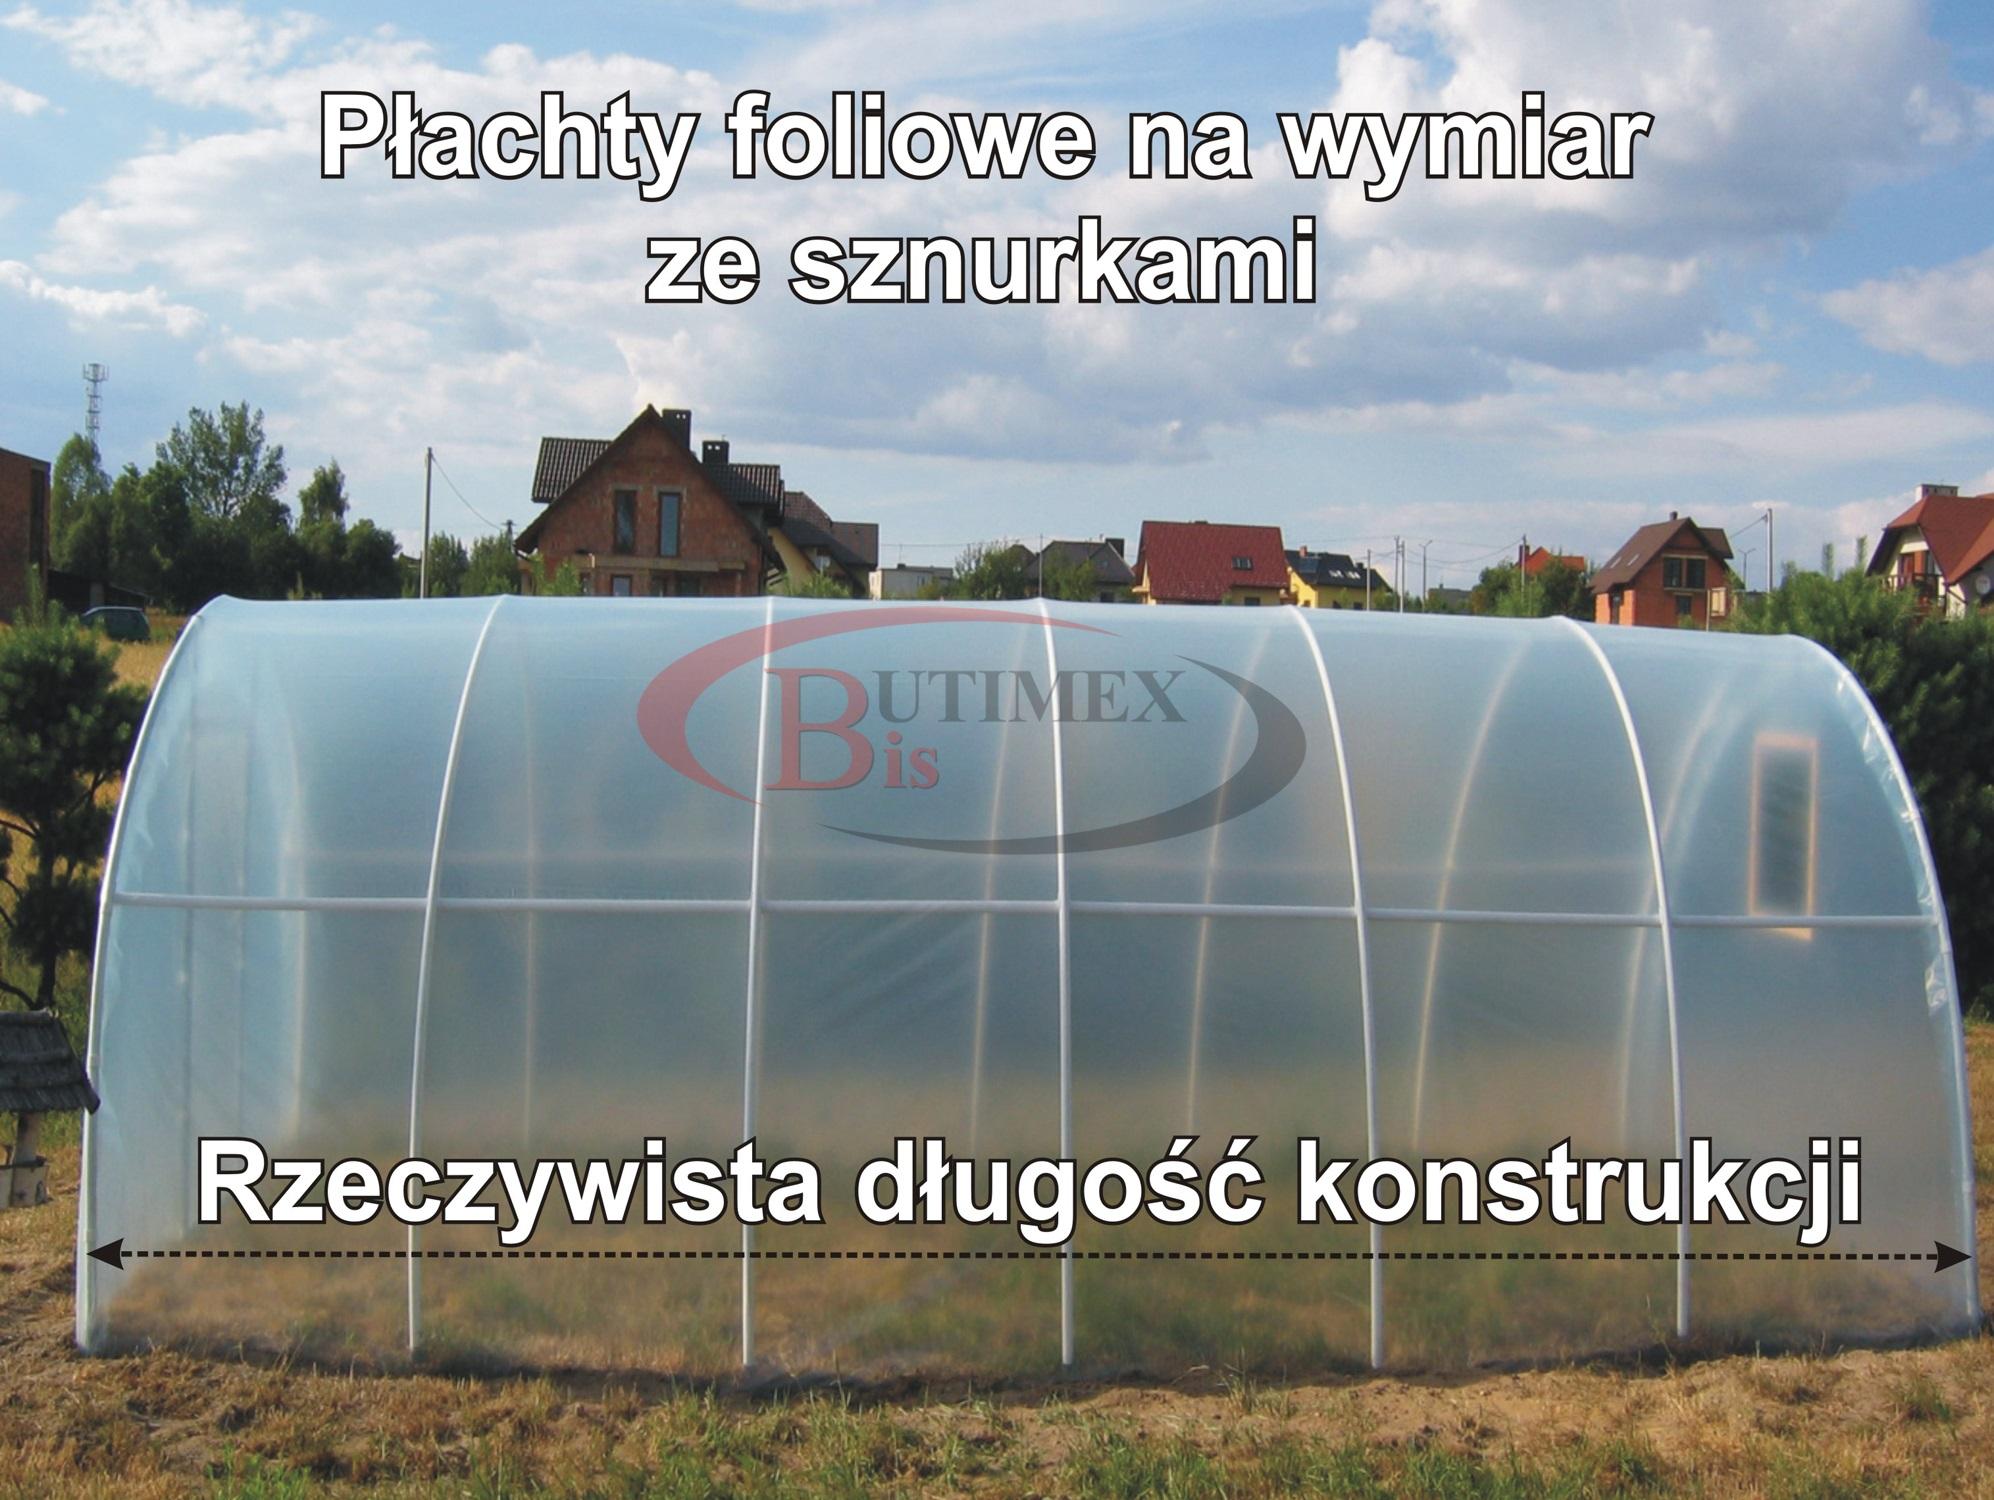 tunel_foliowy_butimex_liczenie_dlugosci_folia_tunelowa